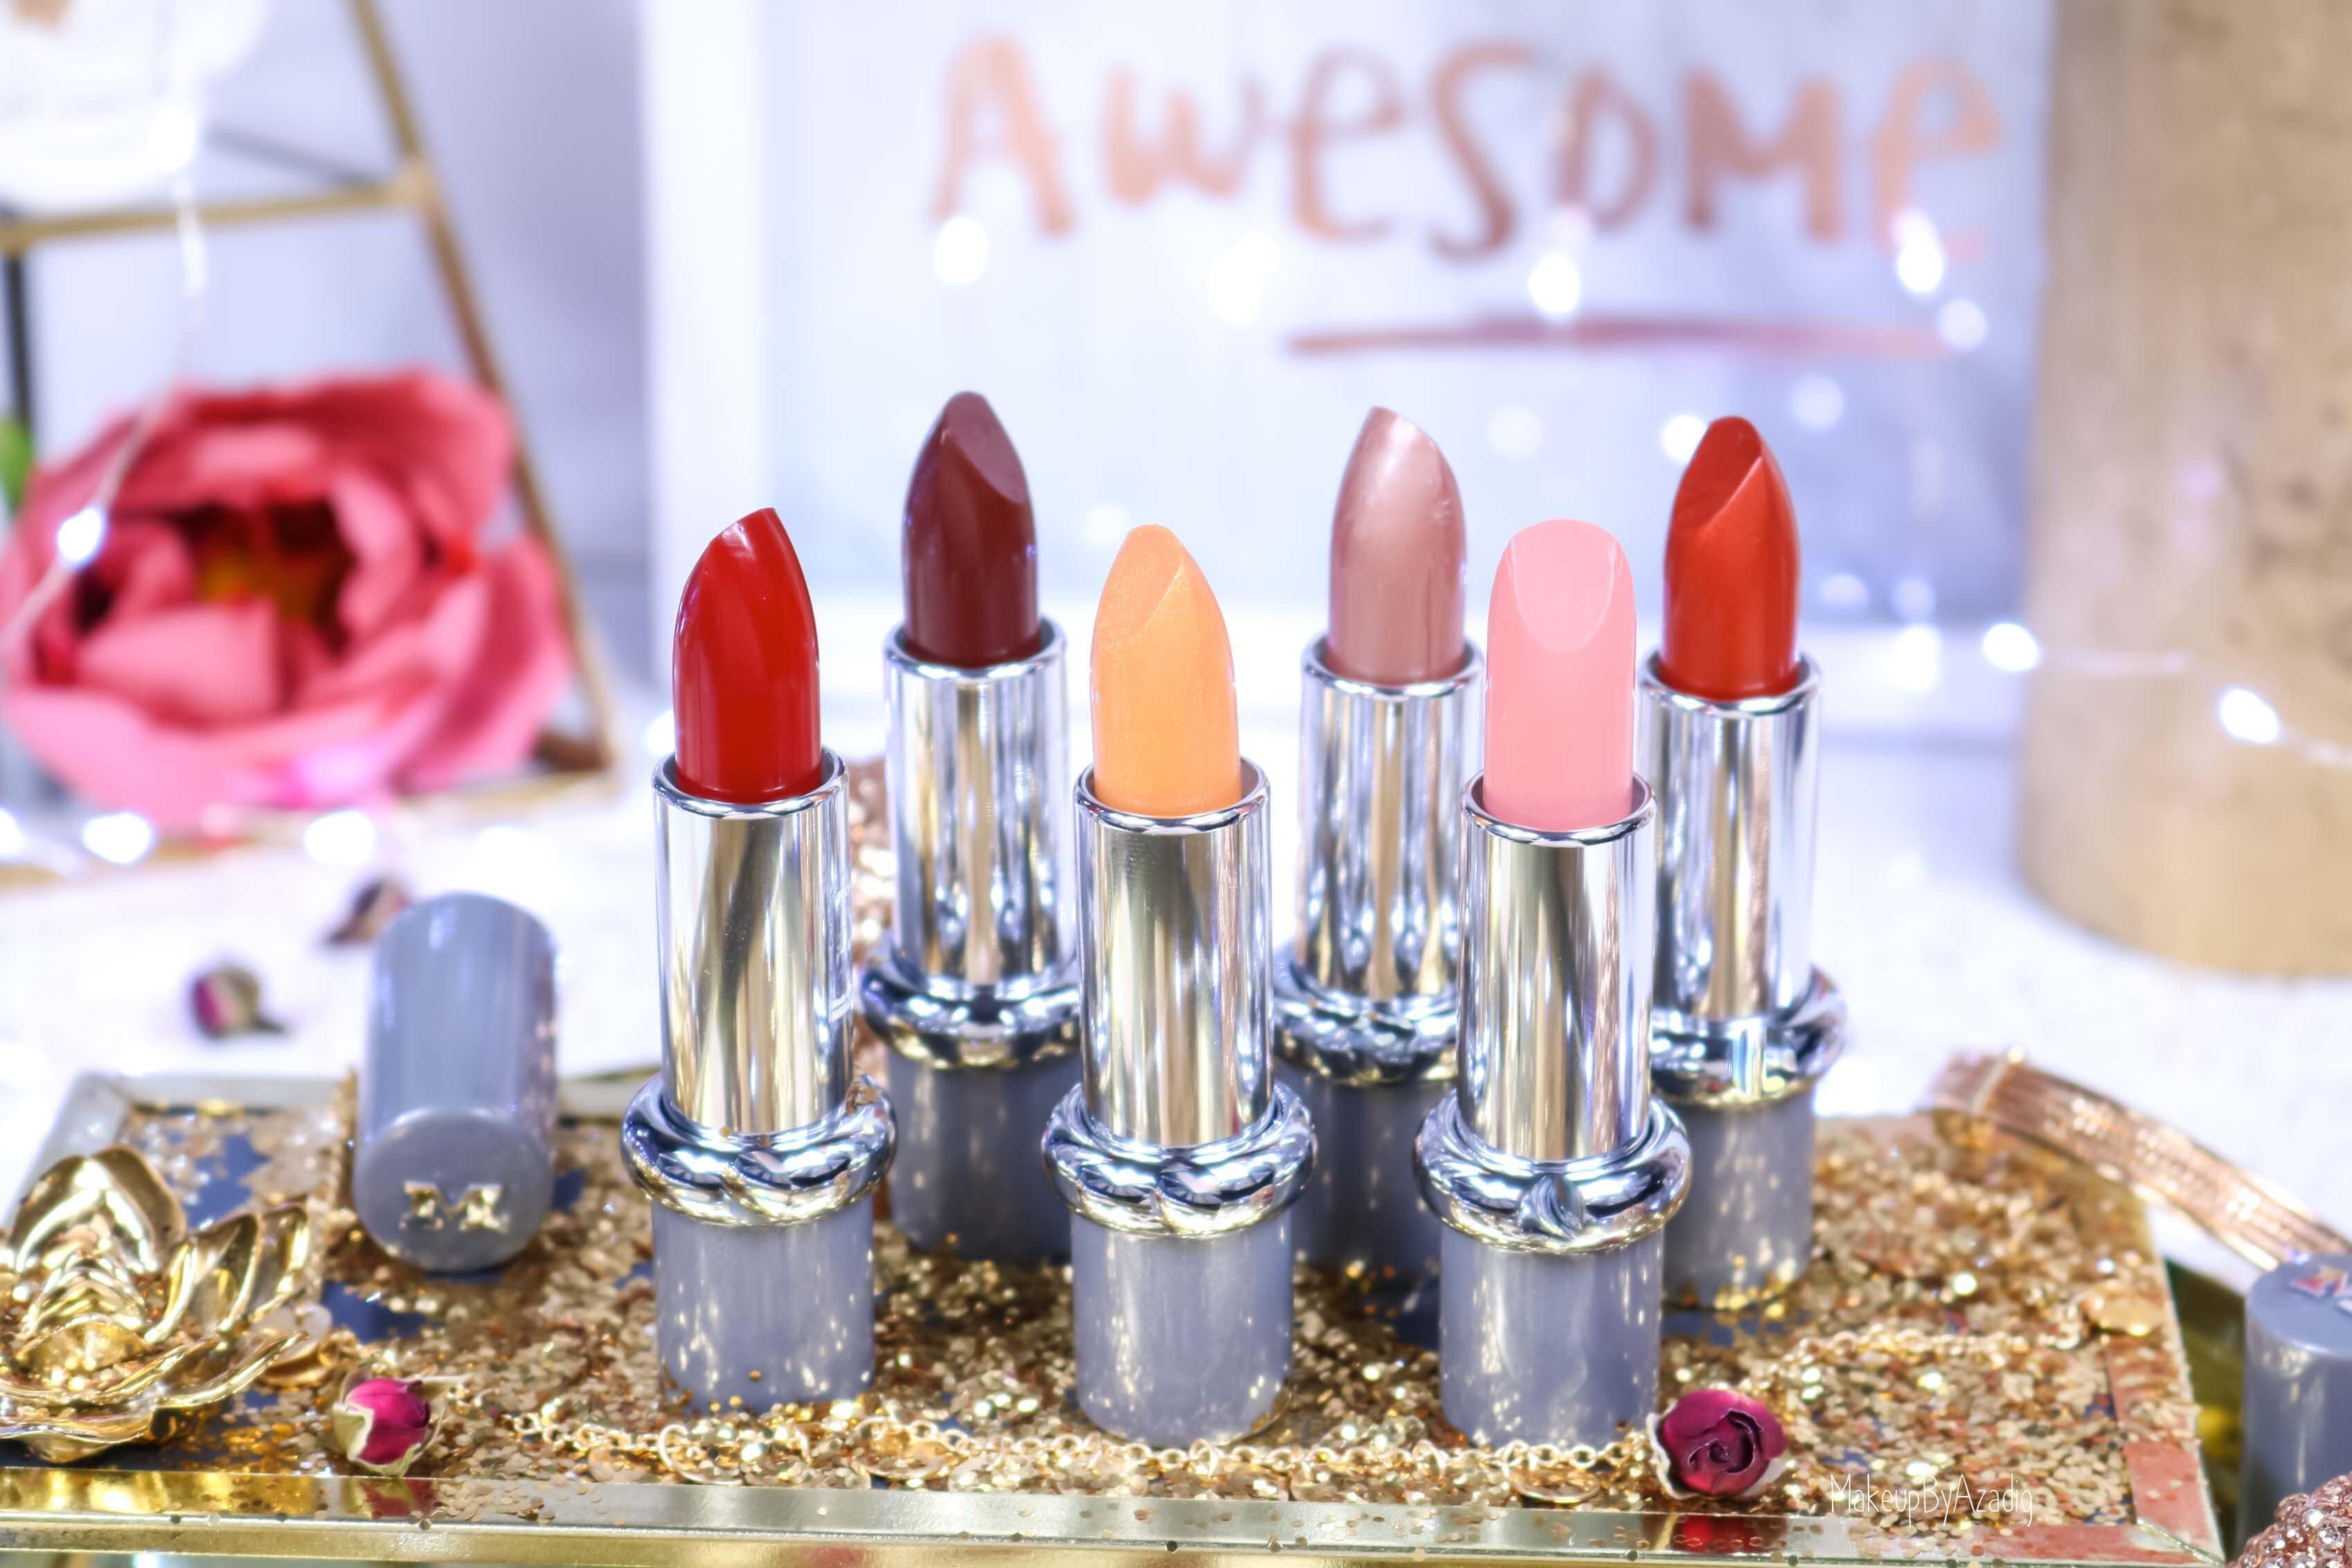 revue-rouge-levres-mavala-soin-monoprix-collection-legend-automne-hiver-rouge-bordeaux-dore-avis-prix-makeupbyazadig-miniature